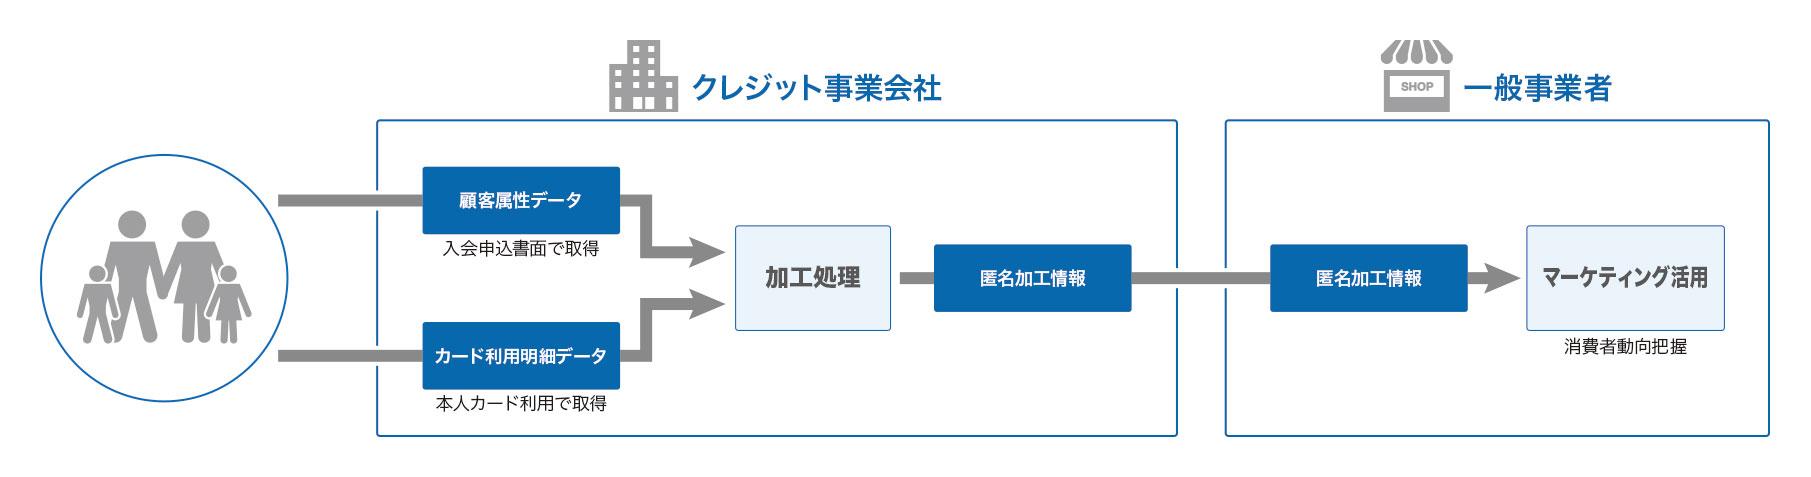 画像_テストエースPLUS10